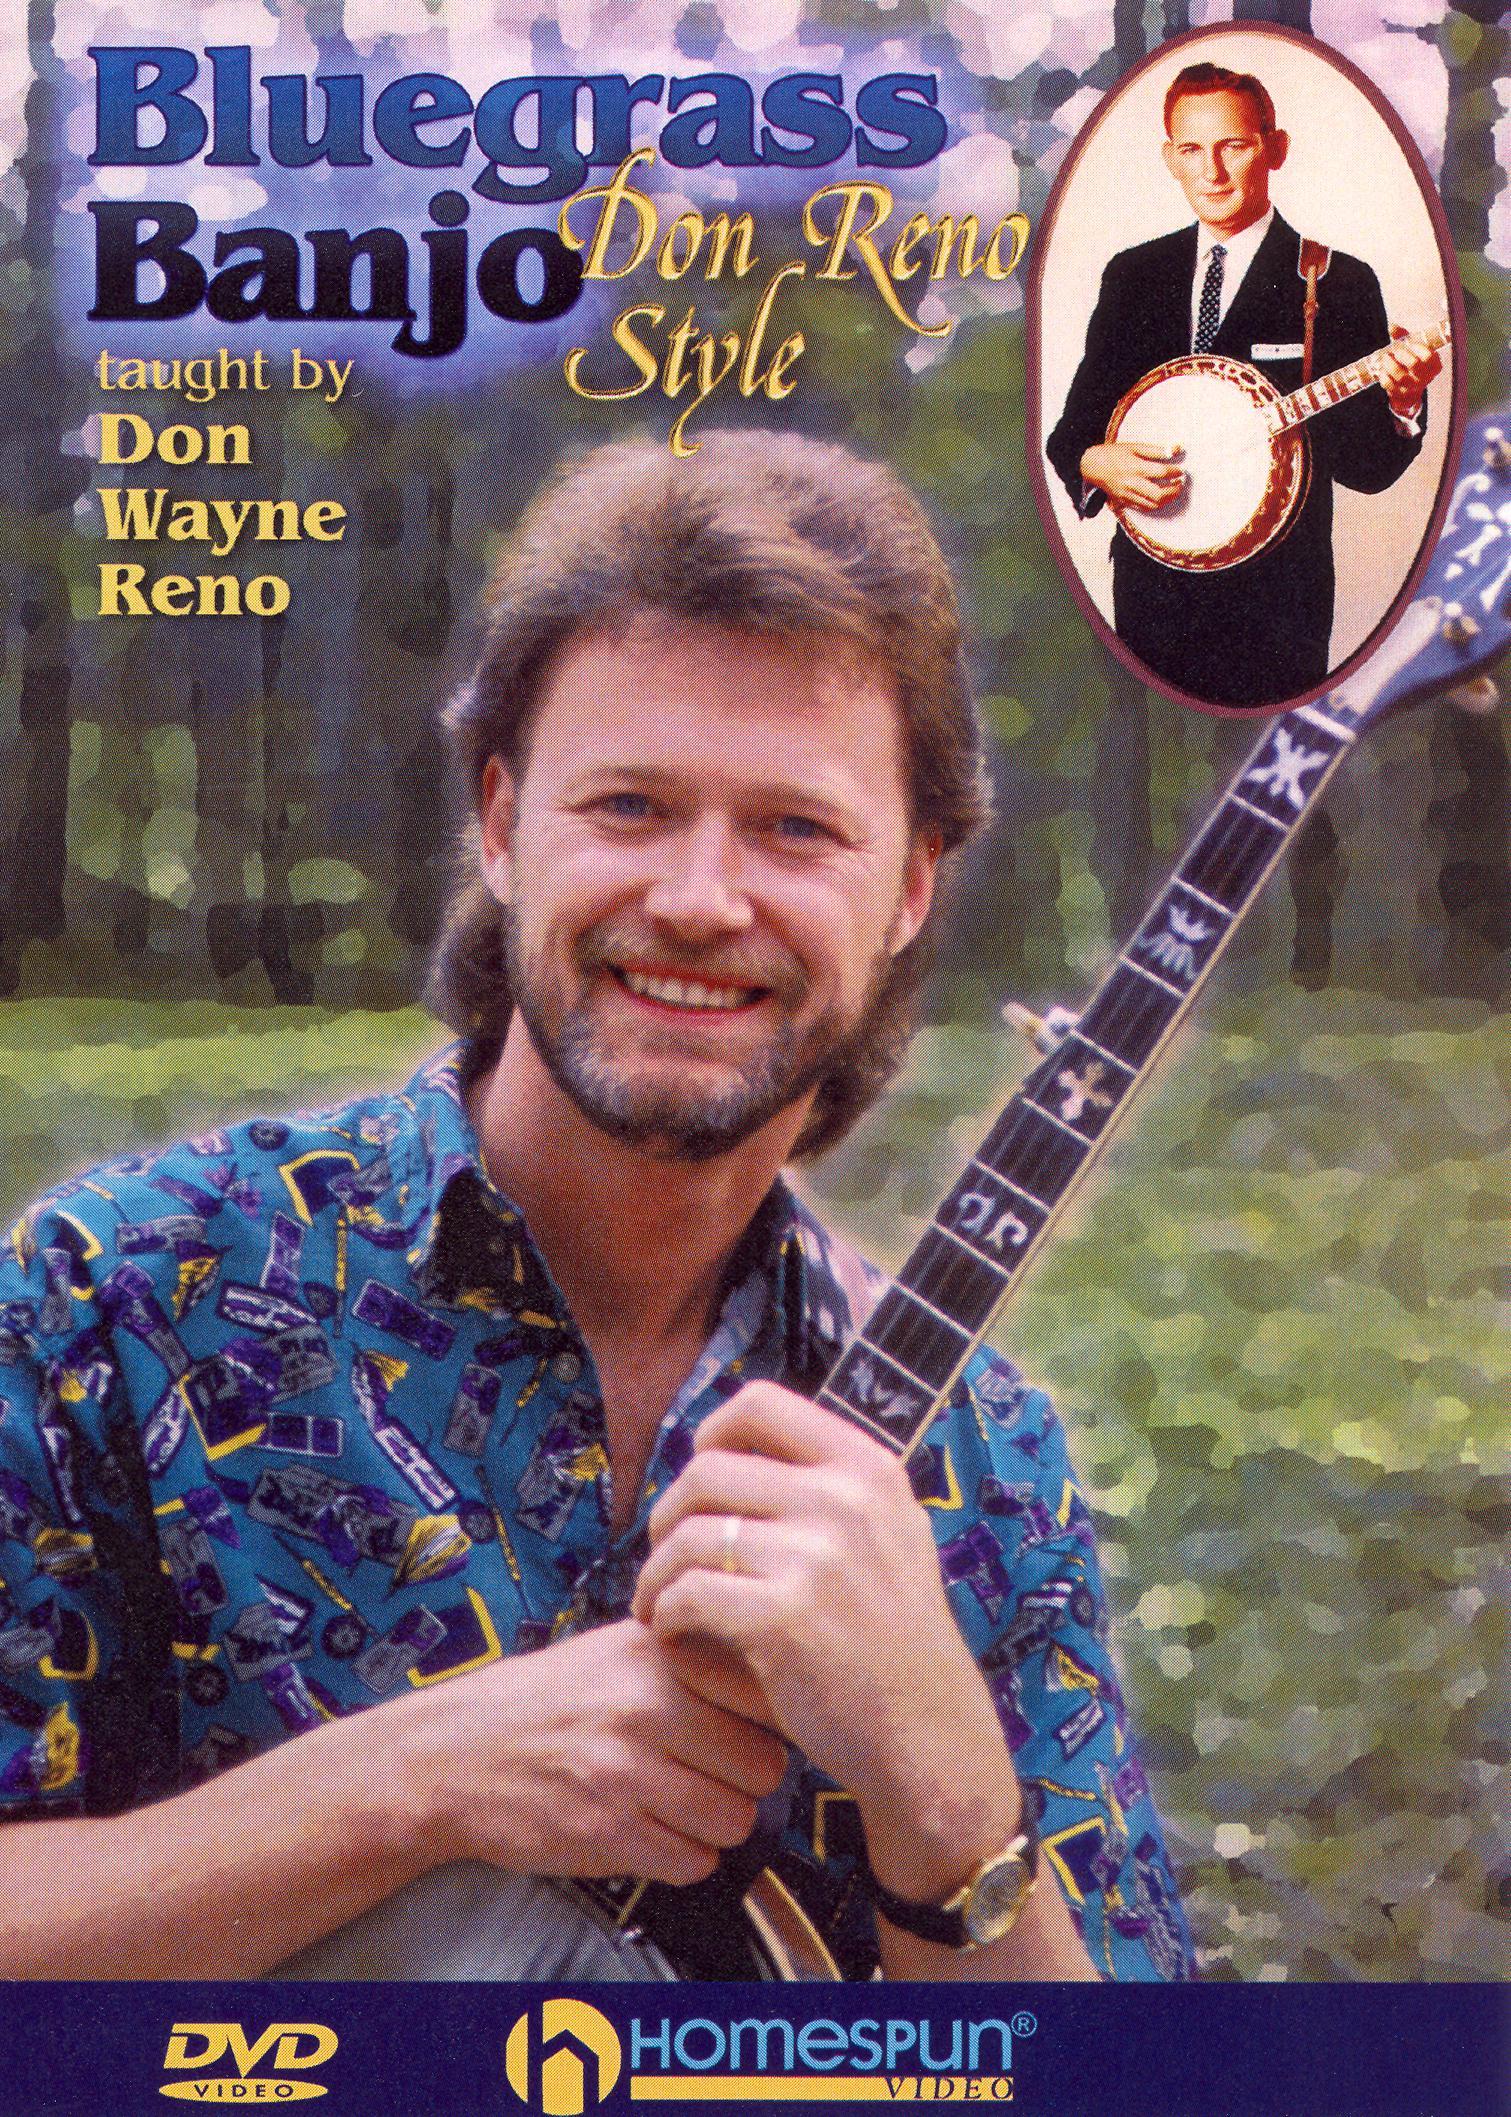 Don Wayne Reno: Bluegrass Banjo